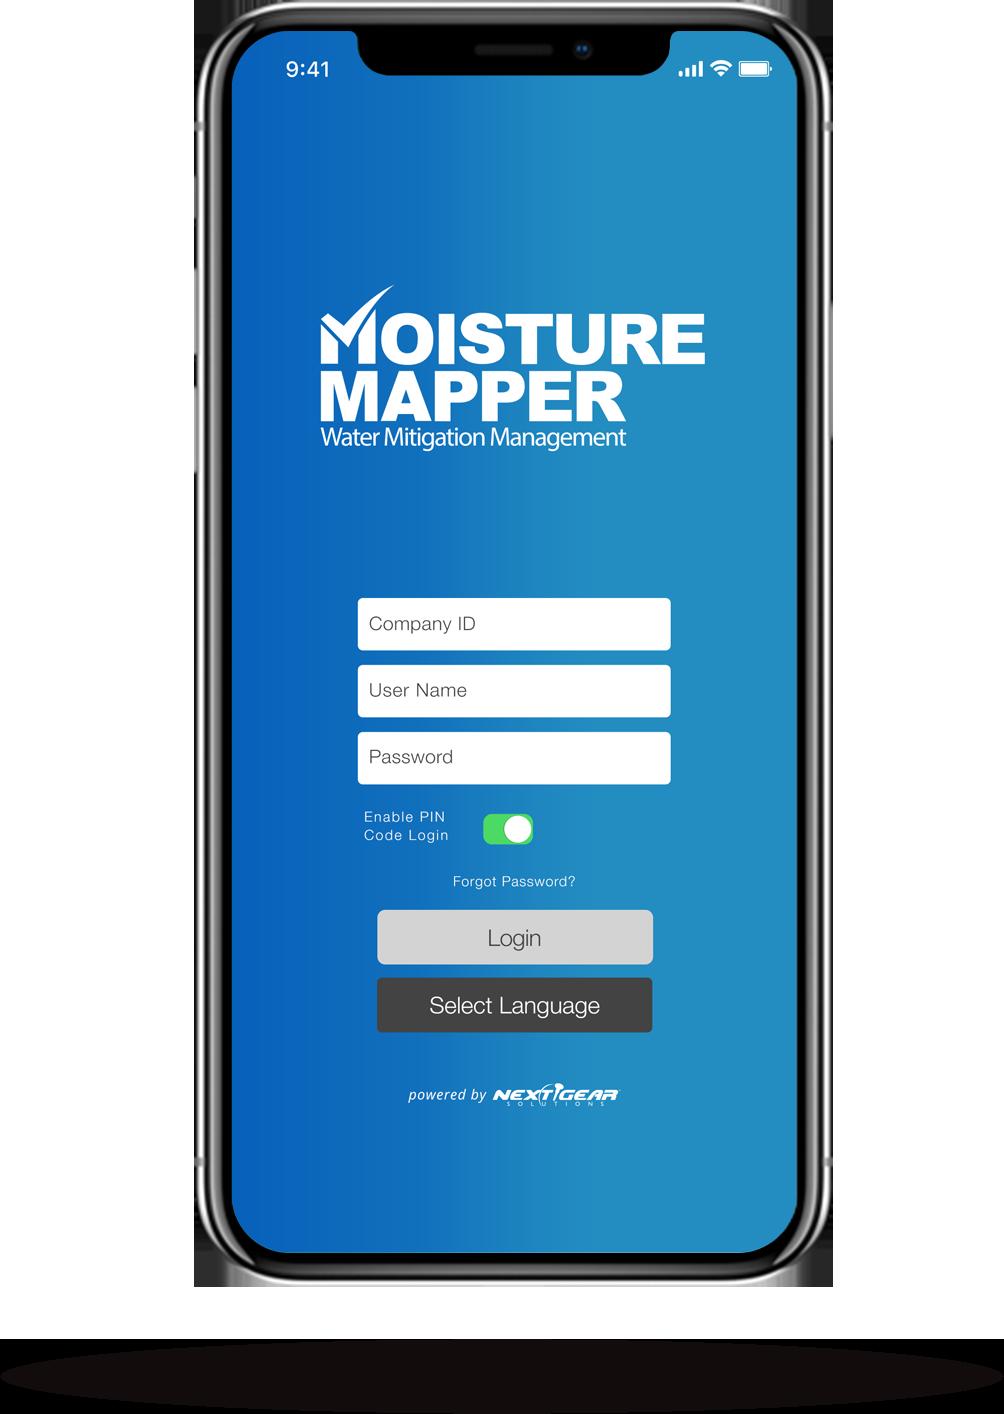 moisturemapper_floatphone